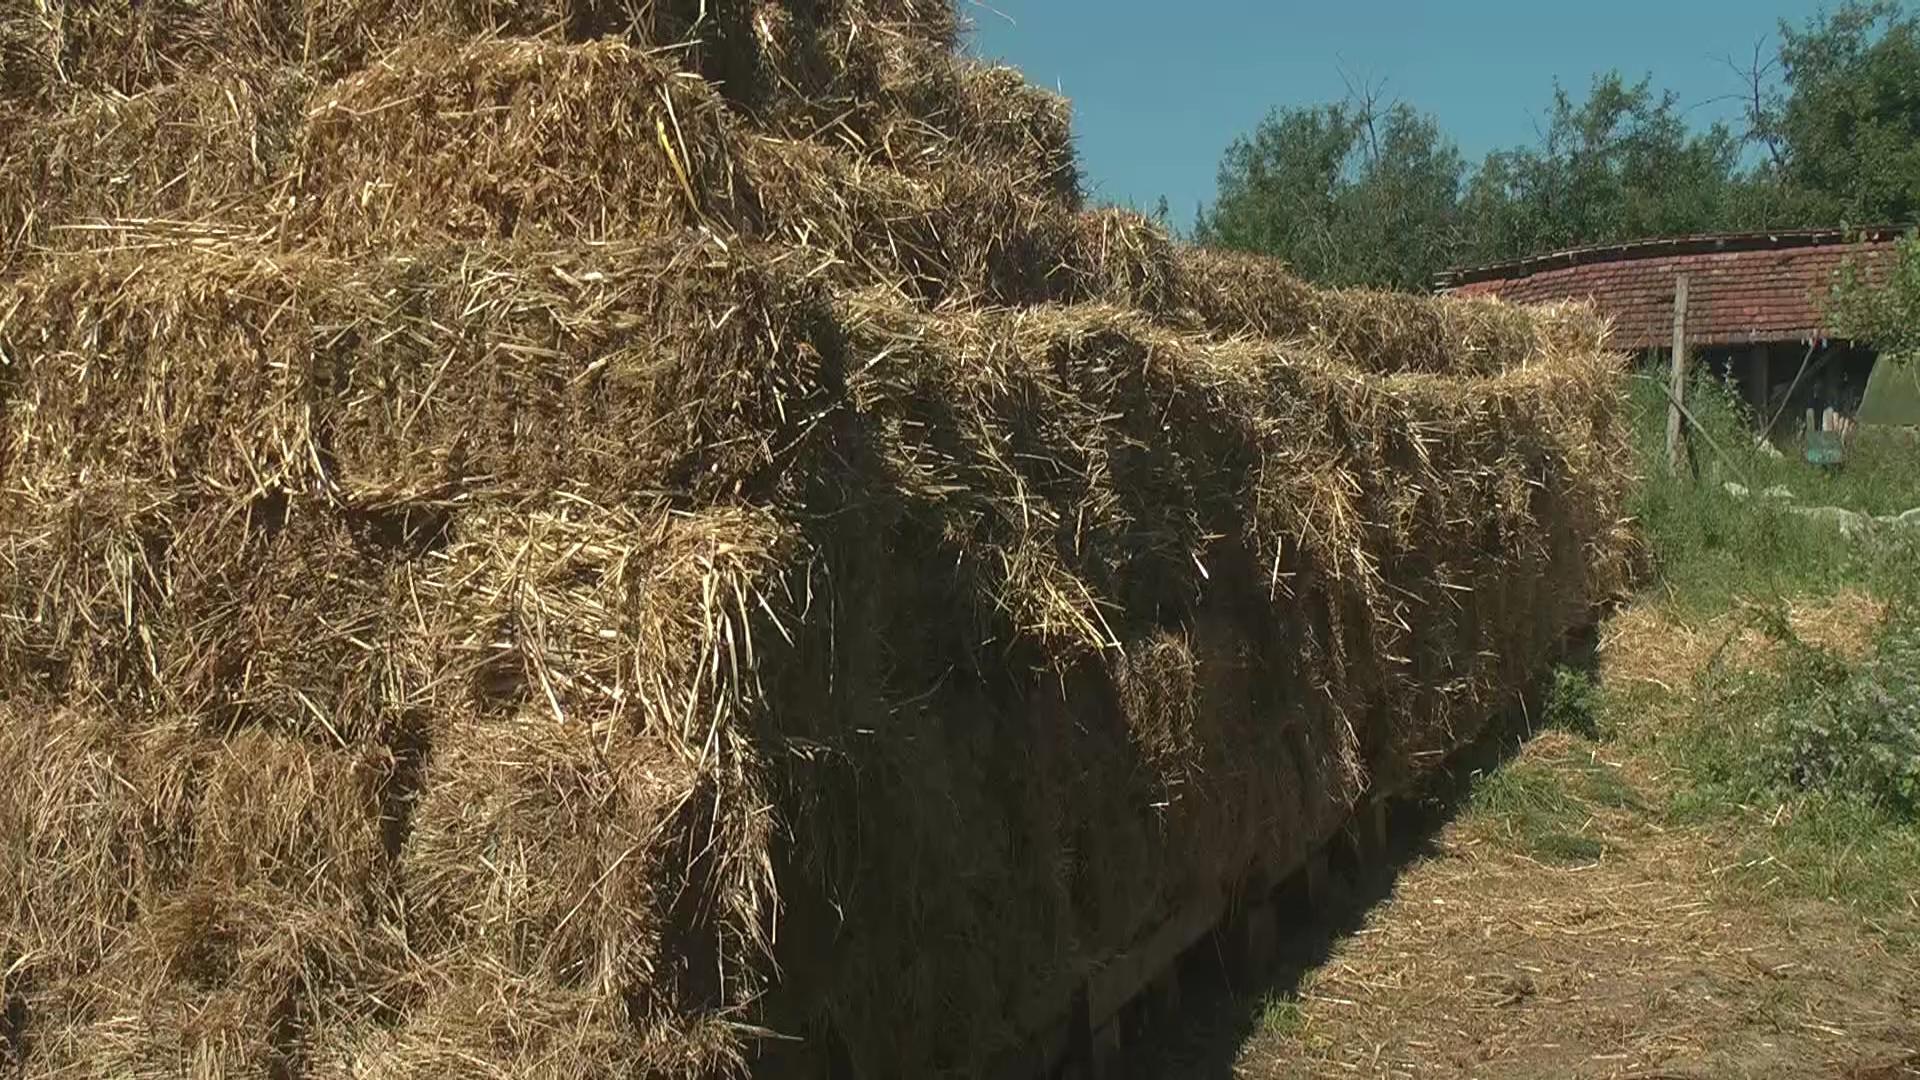 Žetva pšenice u punom jeku, a ječma na samom kraju